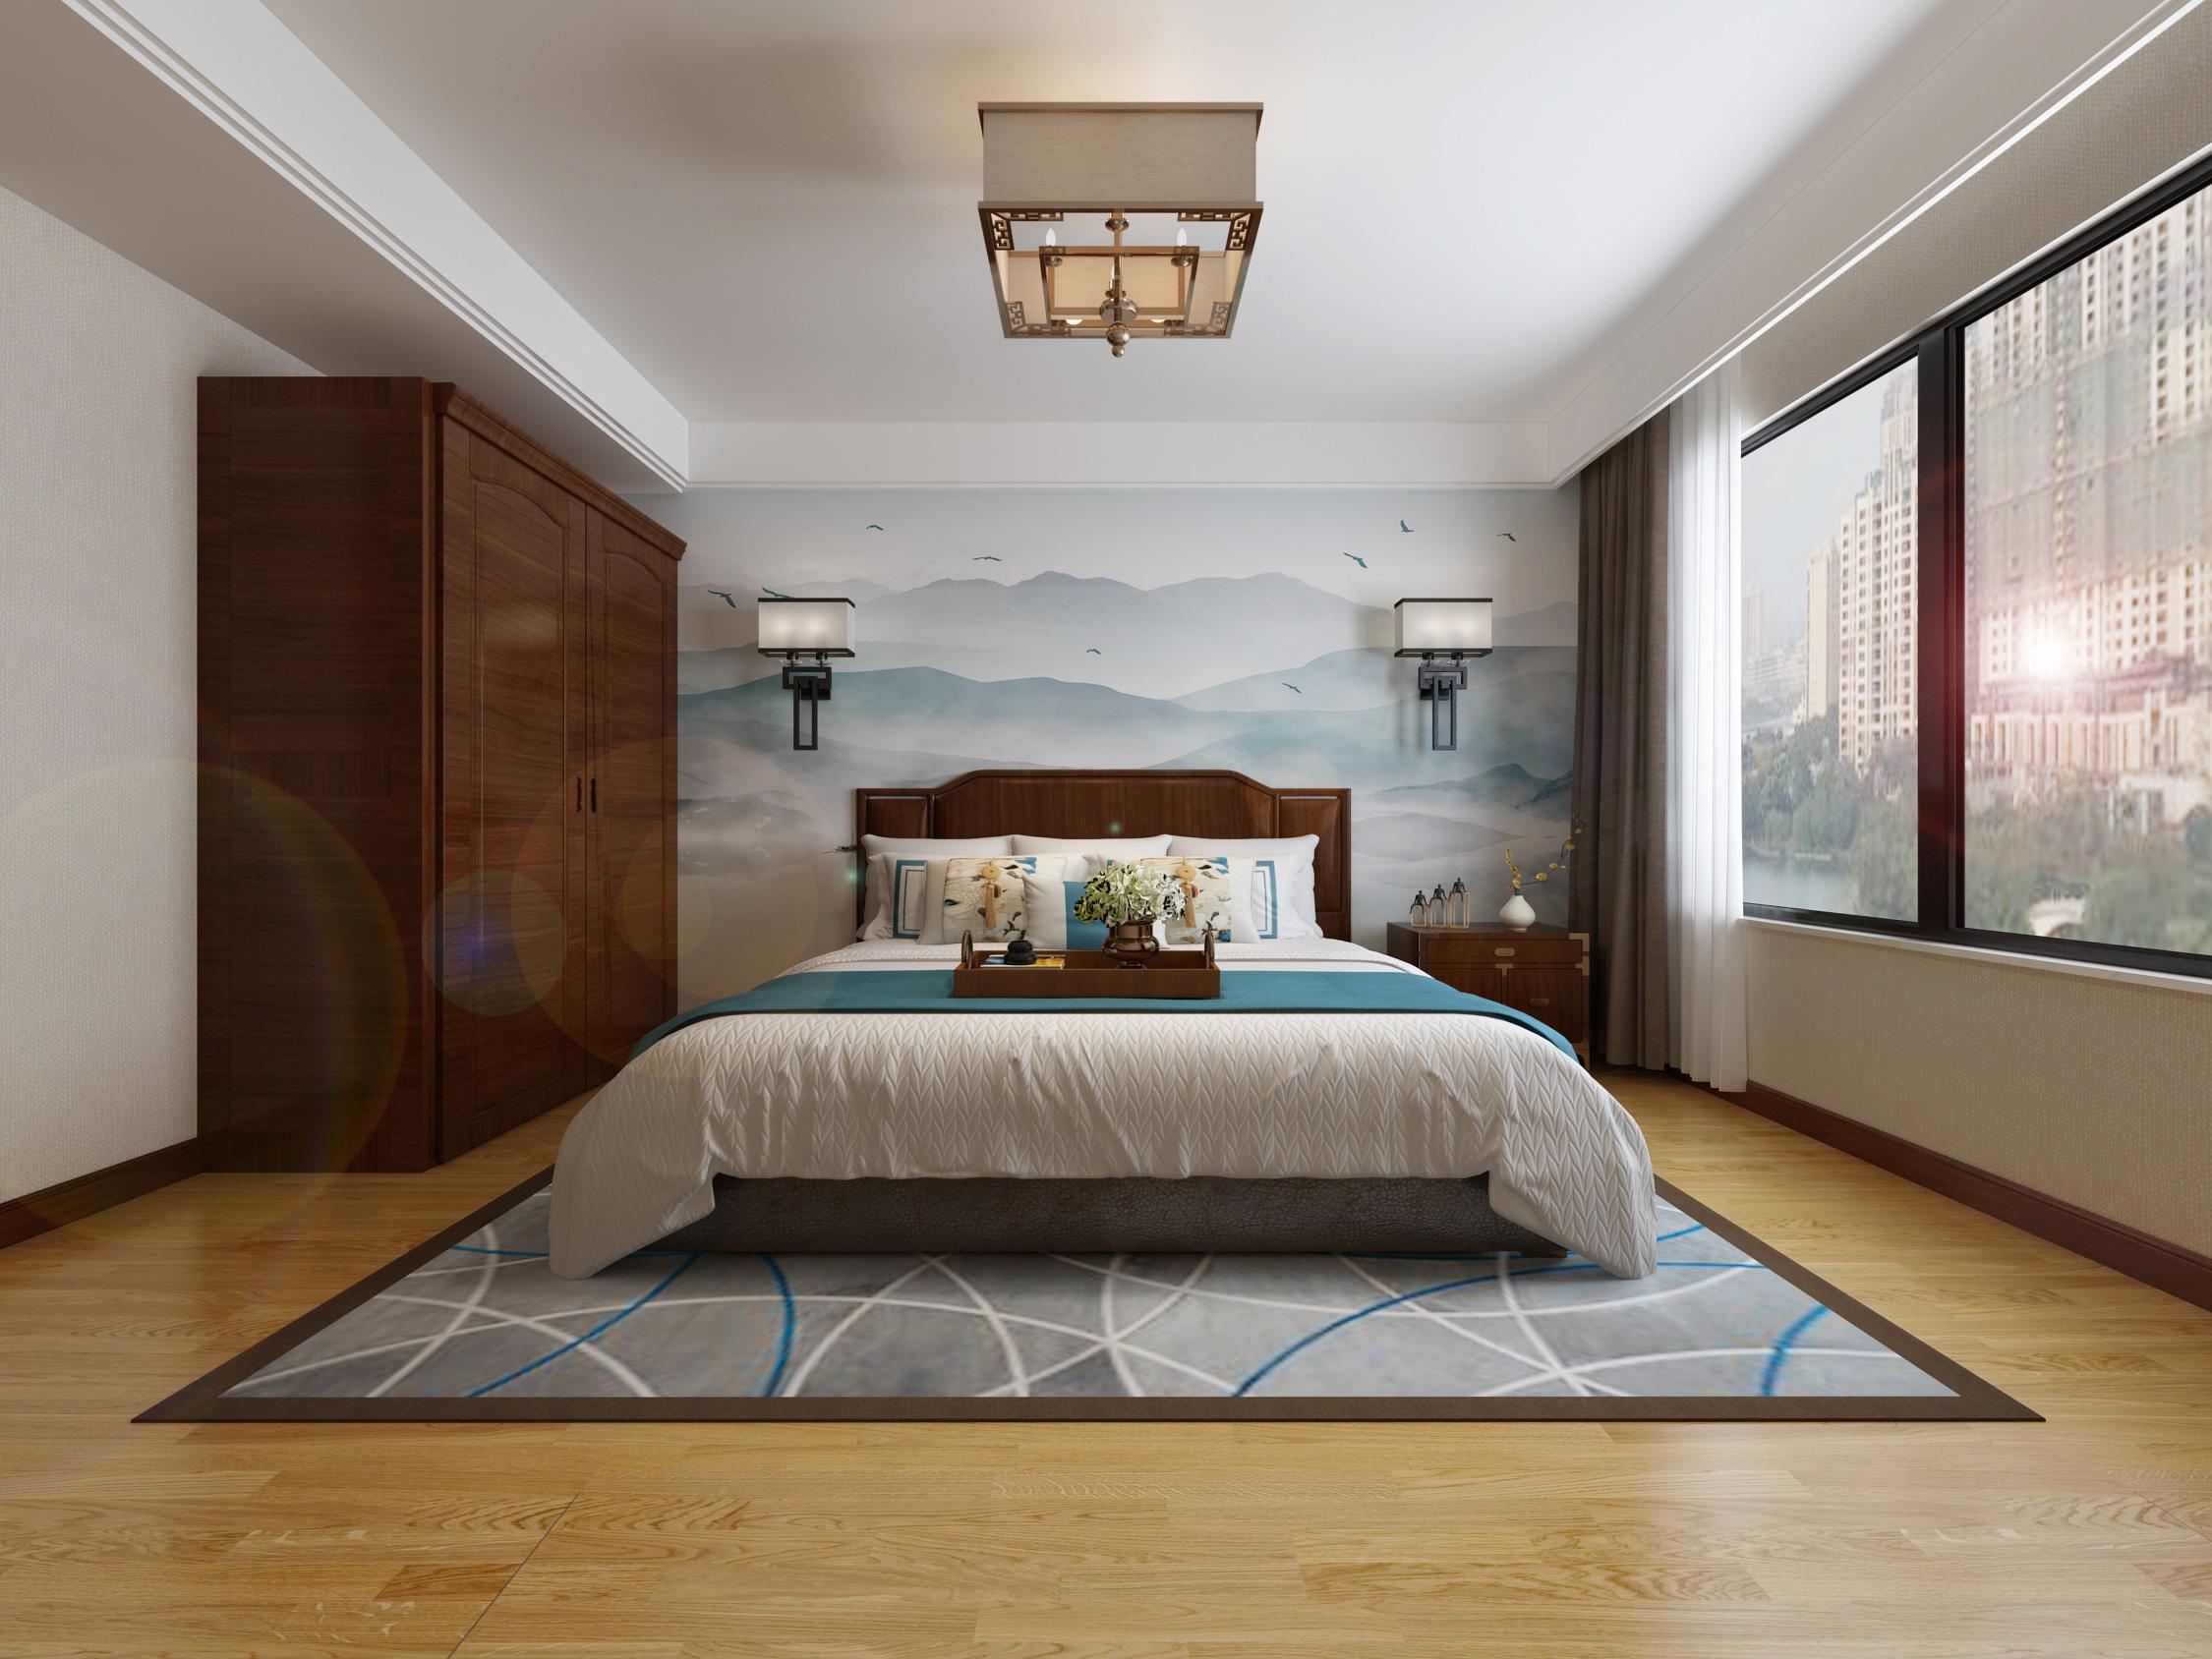 室内装修灯饰选购有哪几种途径?